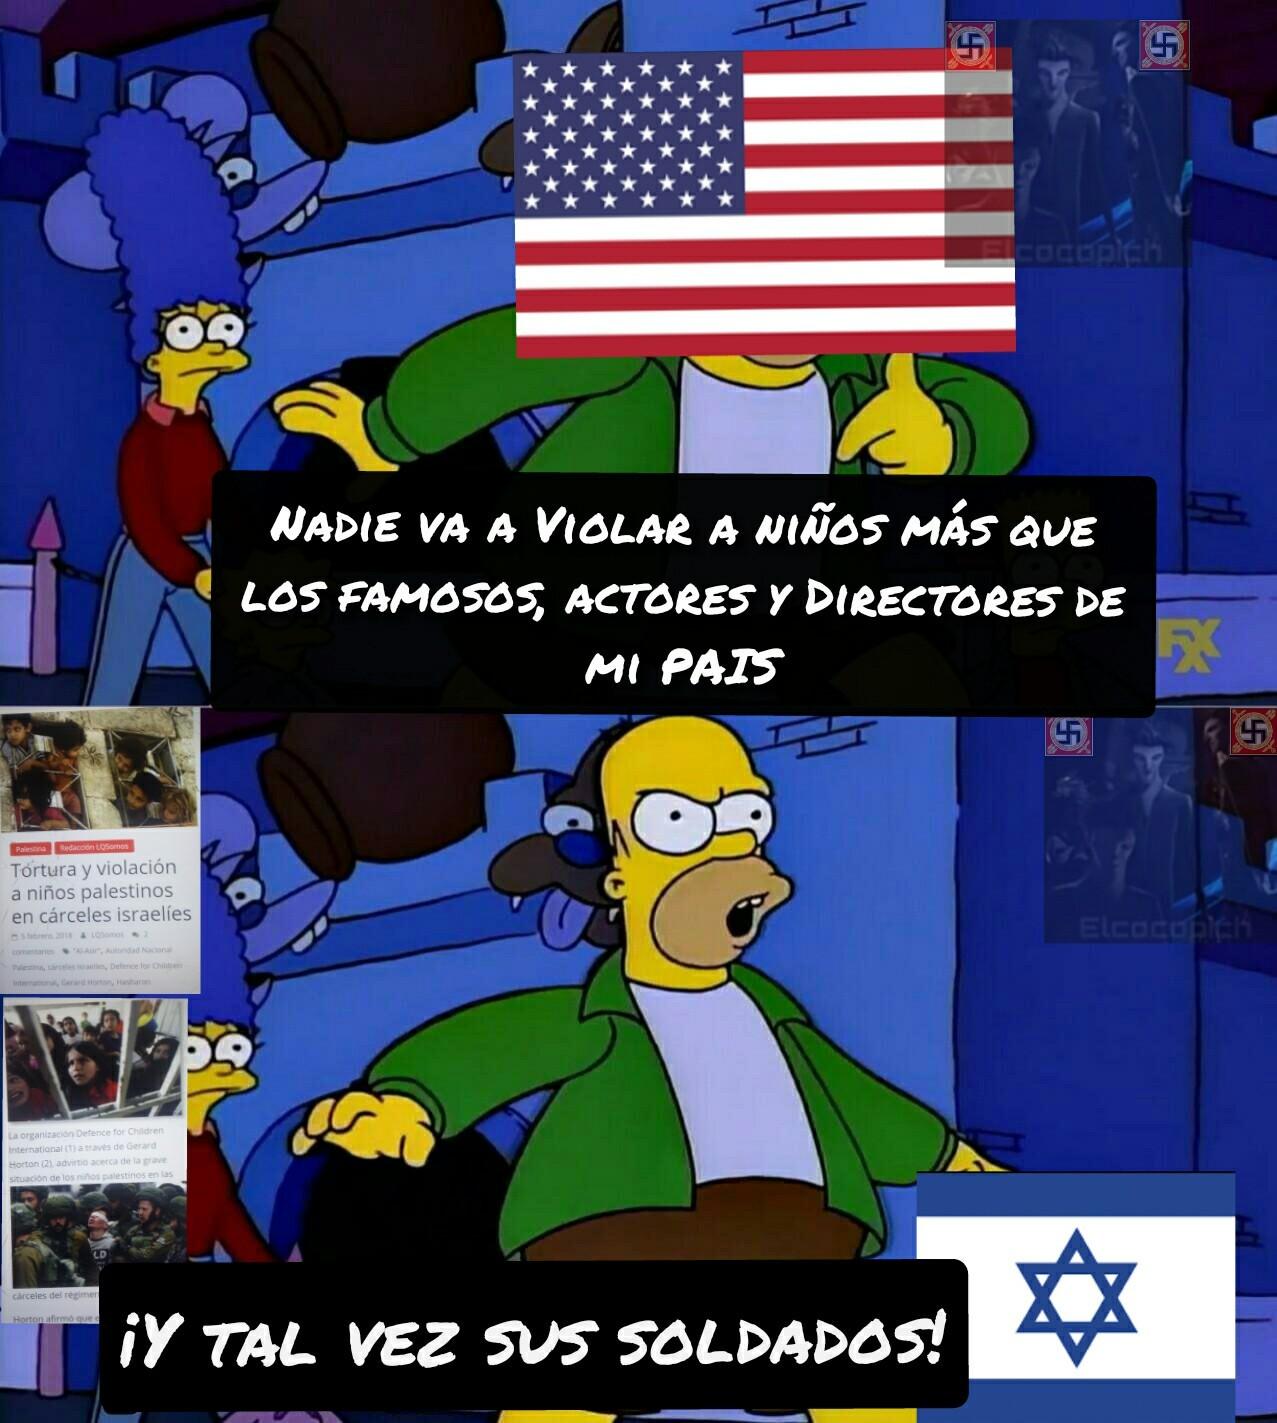 Lo subo, No por que me parezca gracioso (obiamente el meme no da risa, ni la situación) si no para que los pelotuditos que adoran a Israel se carguen en sus muertos